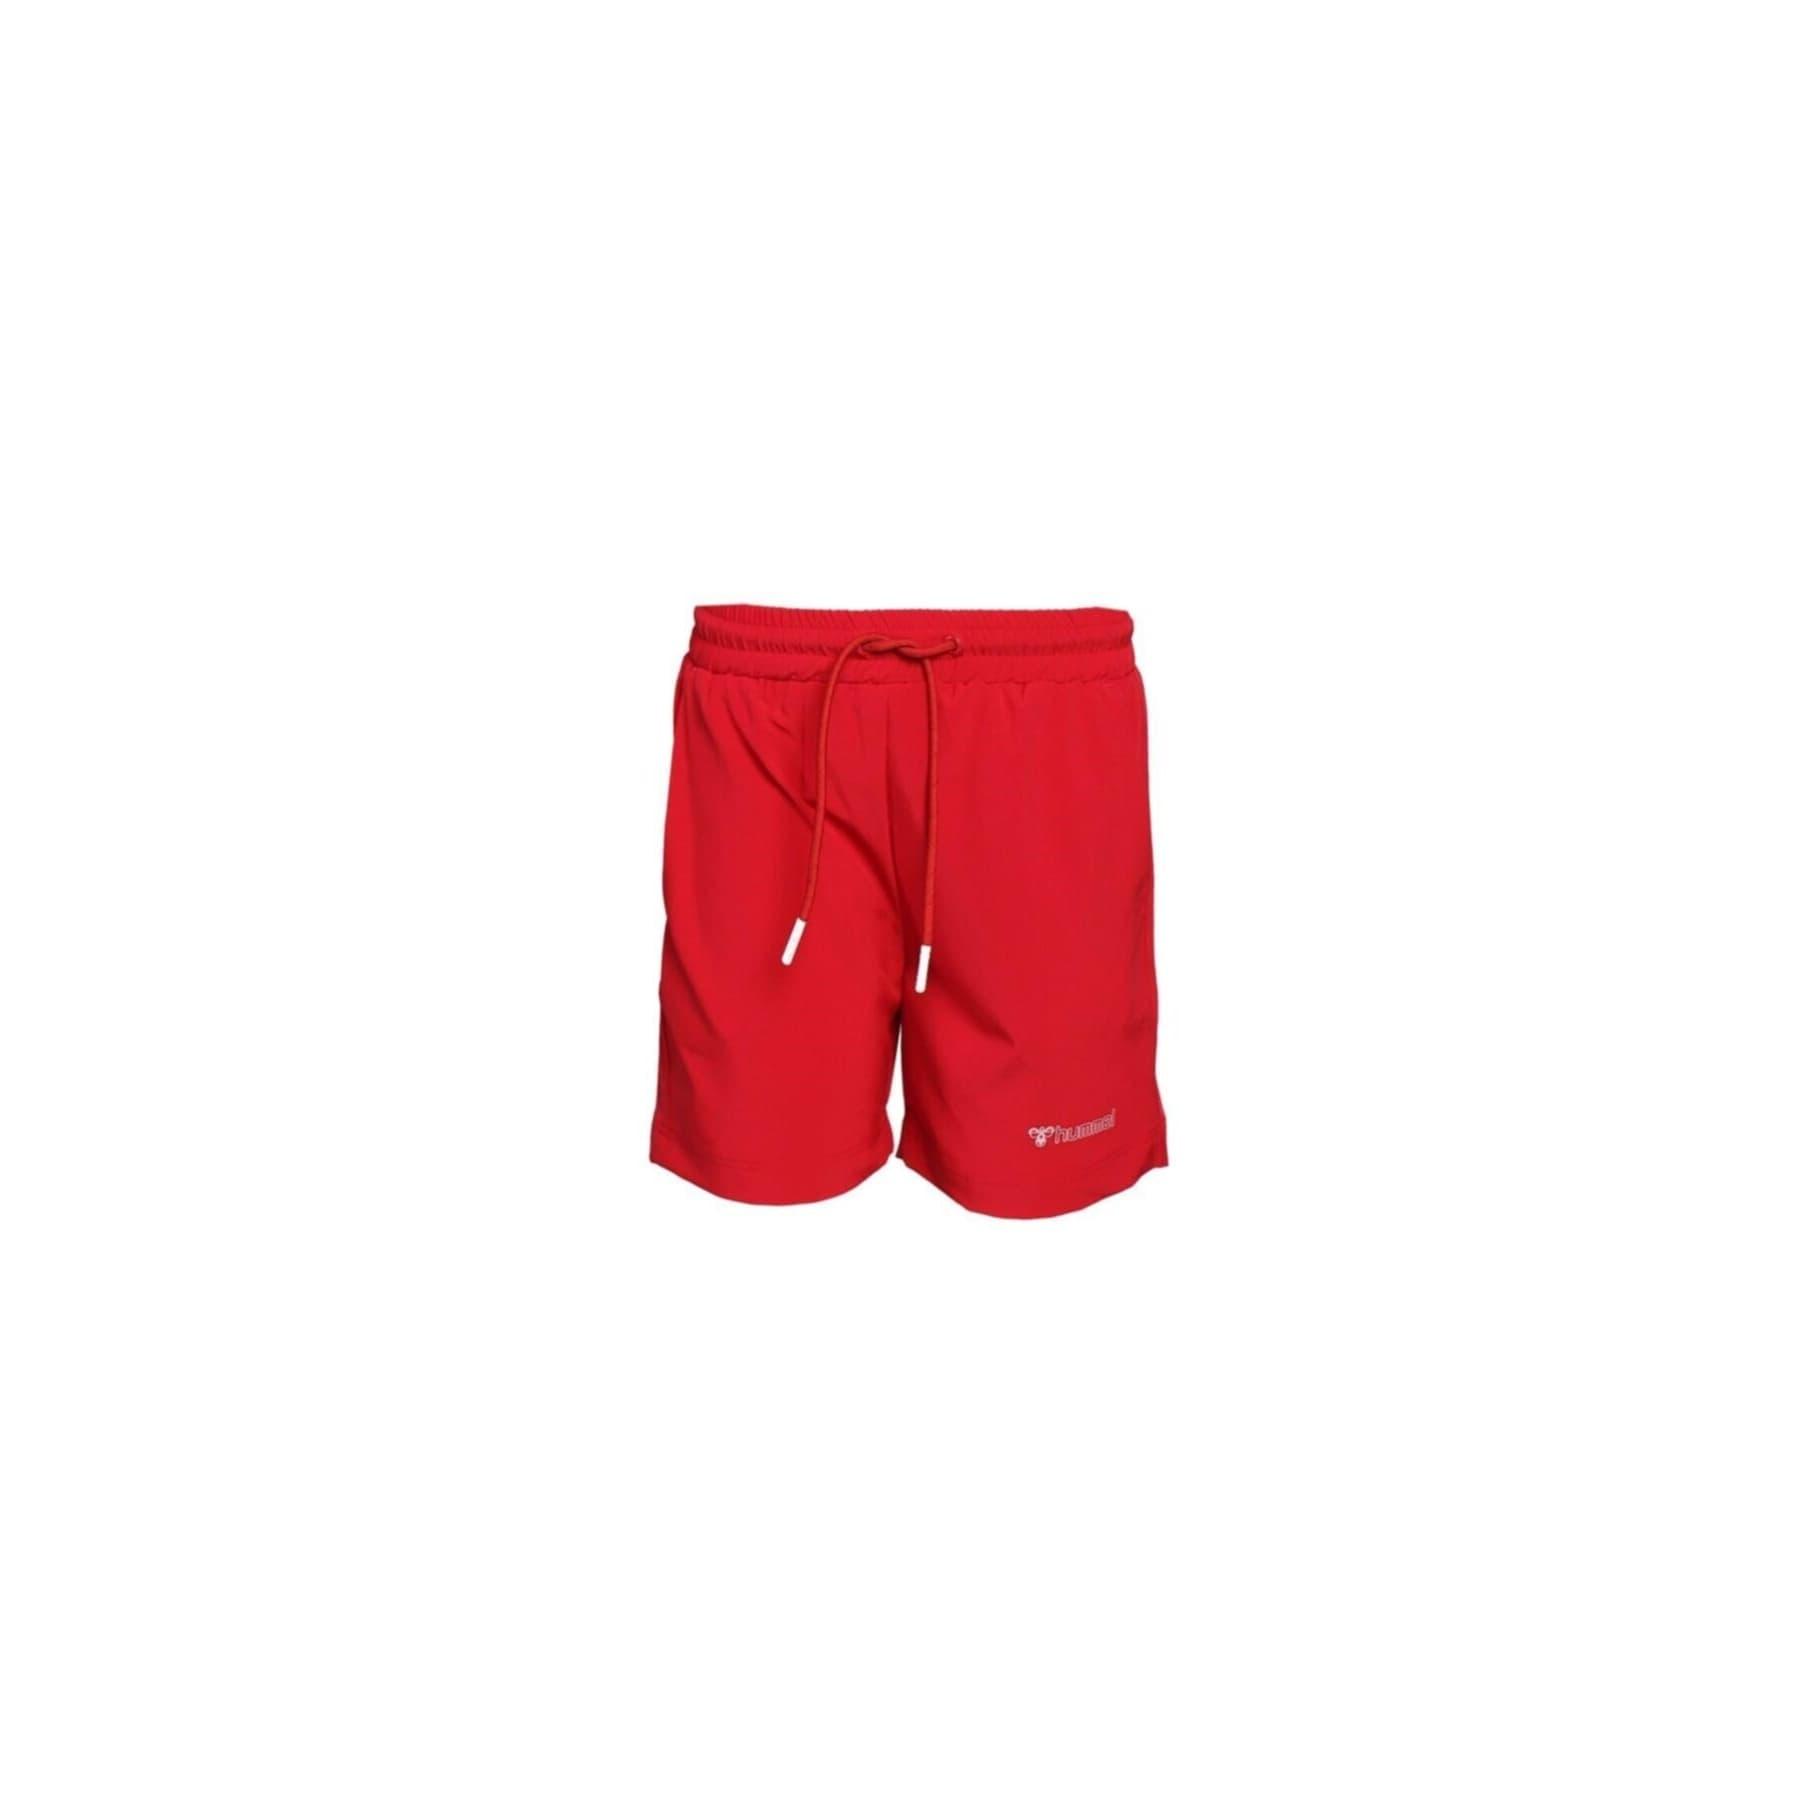 Crook Çocuk Kırmızı Yüzme Şortu (950042-3331)